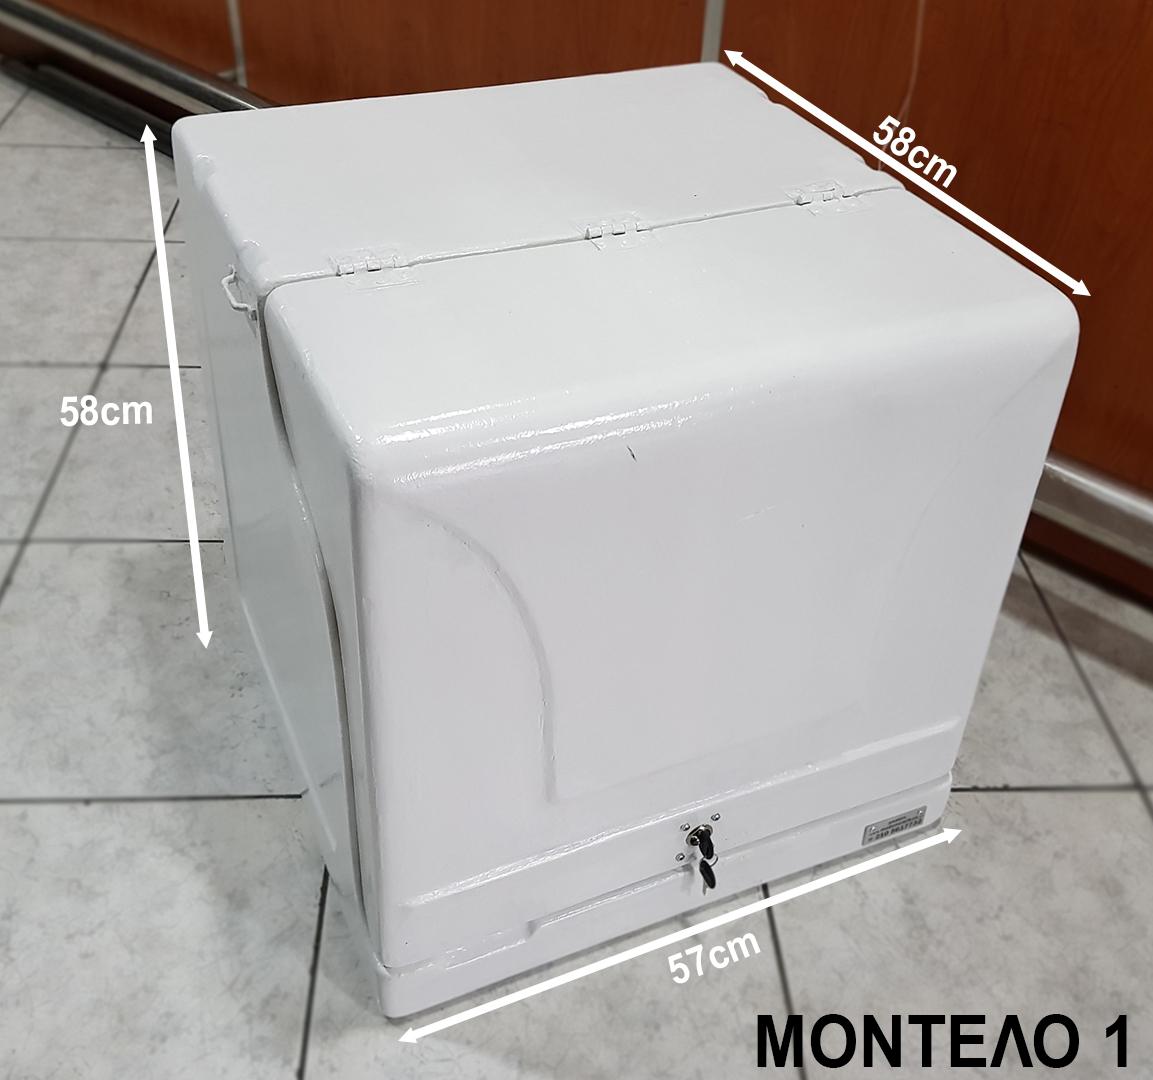 Μεταχειρισμένα κουτιά delivery διανομής ευκαιρία στις χαμηλότερες τιμές της αγοράς ετοιμοπαράδοτα μοντέλο 1